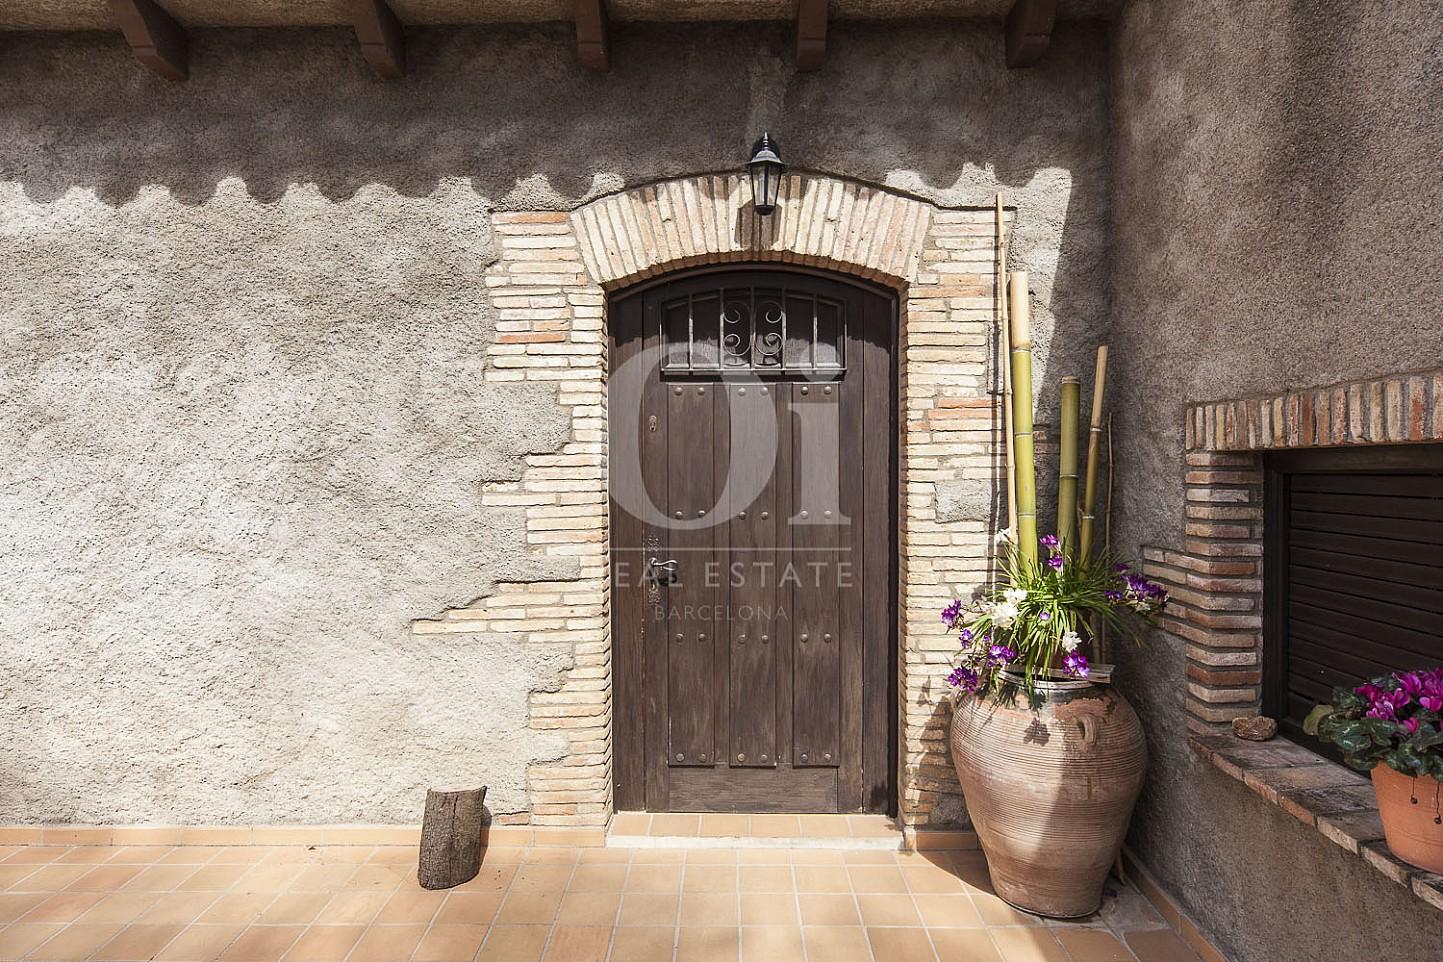 Entrée de maison en vente à Borrassà, alto Ampurdán, Gerona